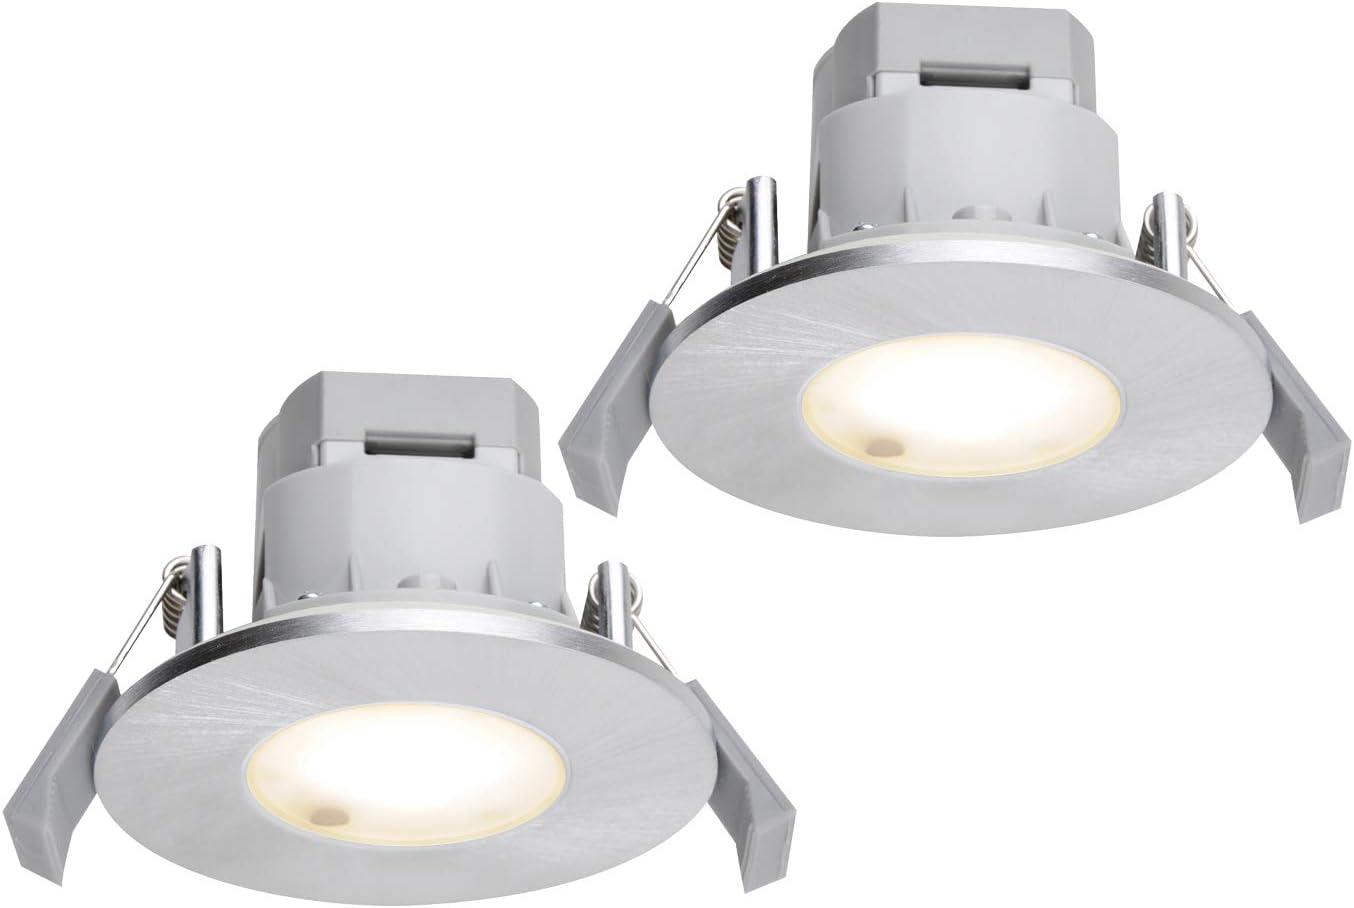 Foco LED empotrable en pack doble redondo Ø 8,5 cm aluminio ...